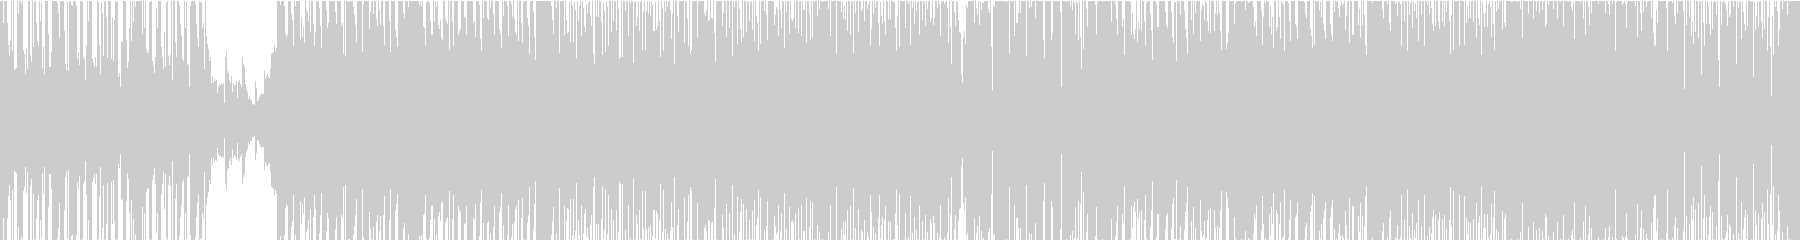 ピアノとギターの切ないフュージョン風の曲の未再生の波形